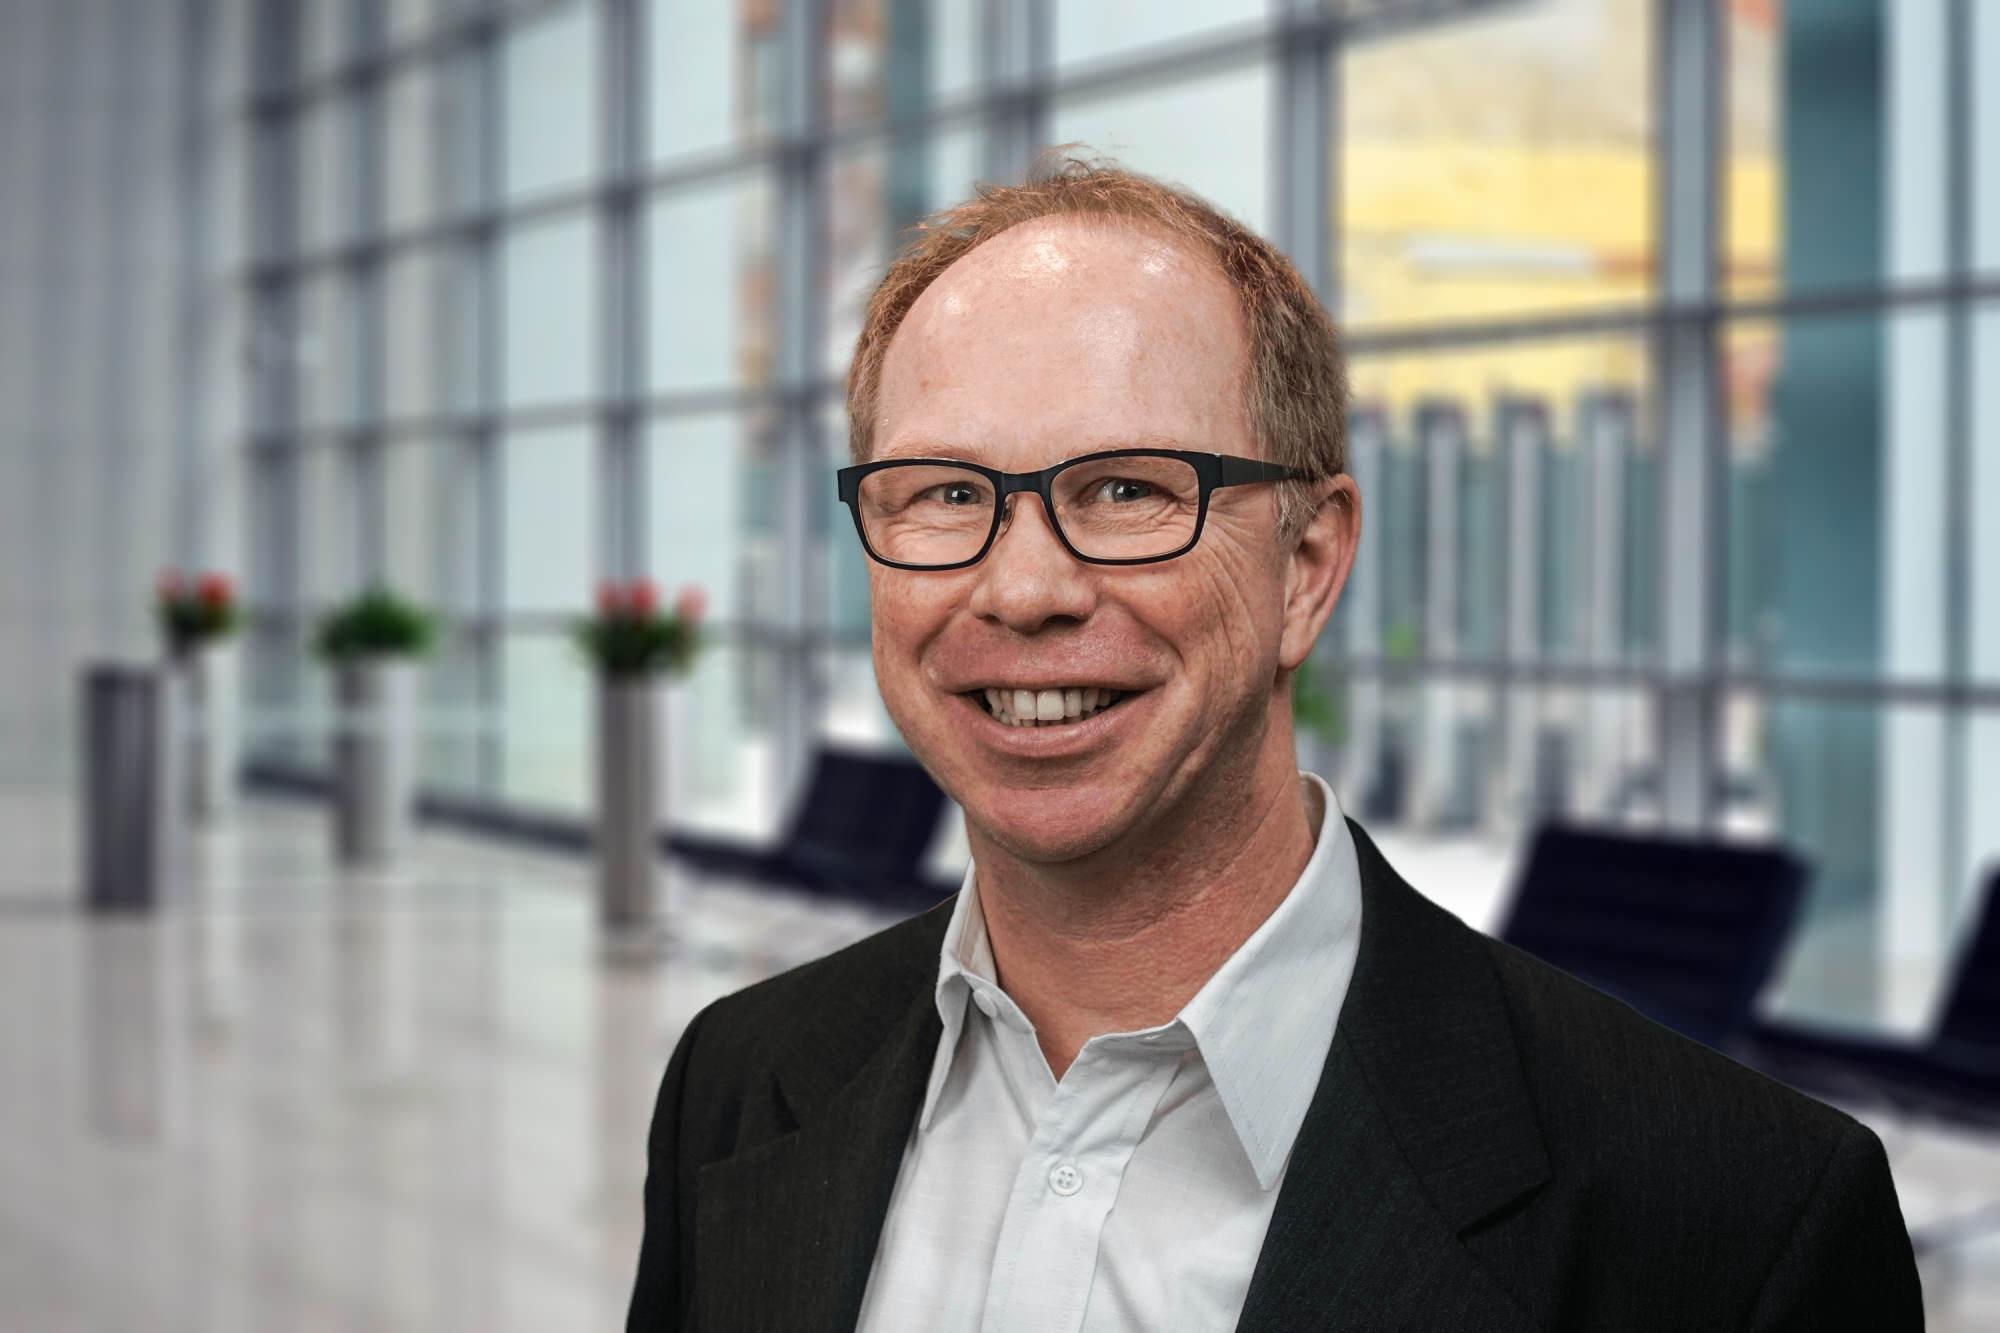 Dietmar Wurst